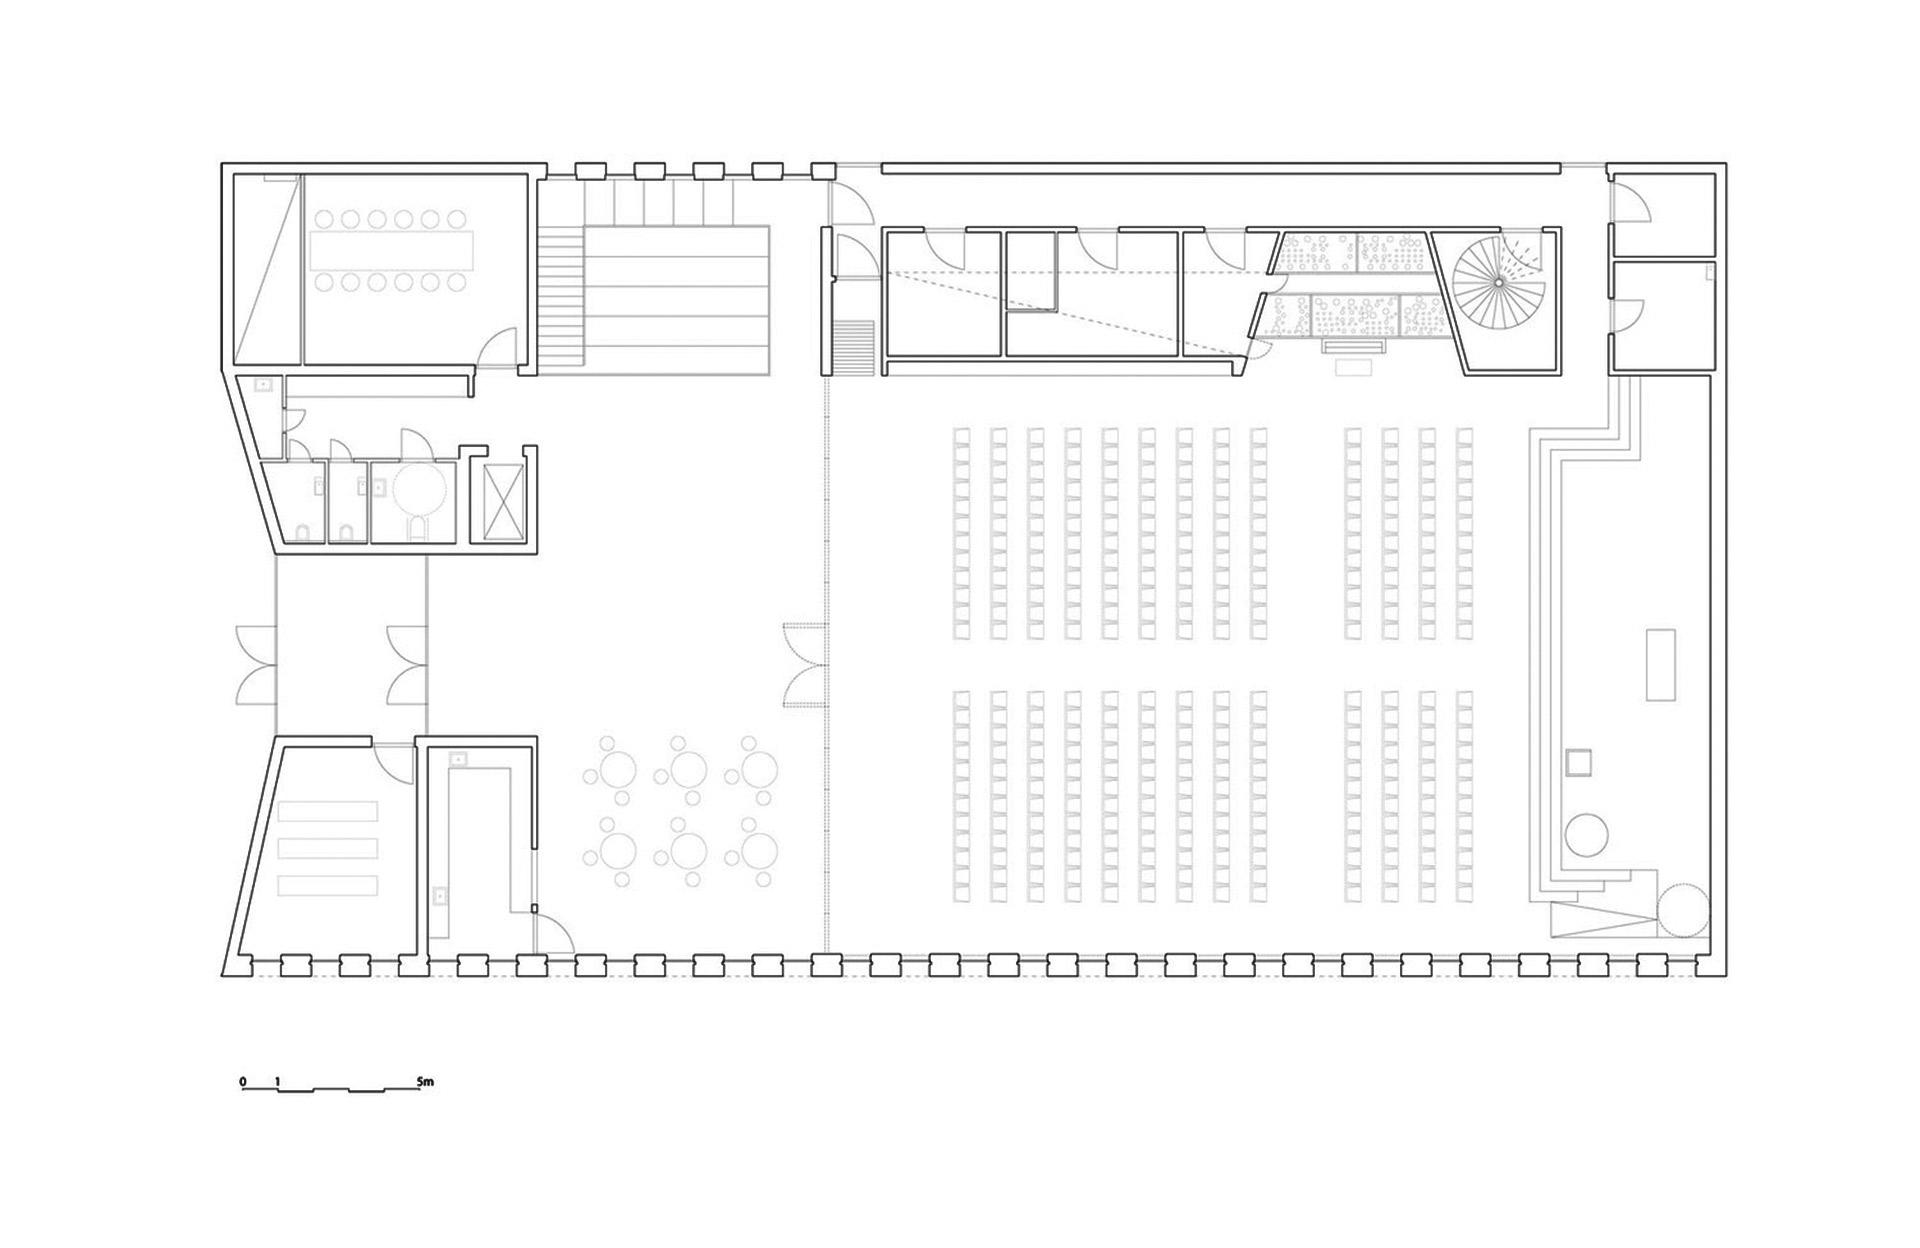 Iglesia de la comunidad knarvik por reiulf ramstad metalocus for Que es una planta arquitectonica